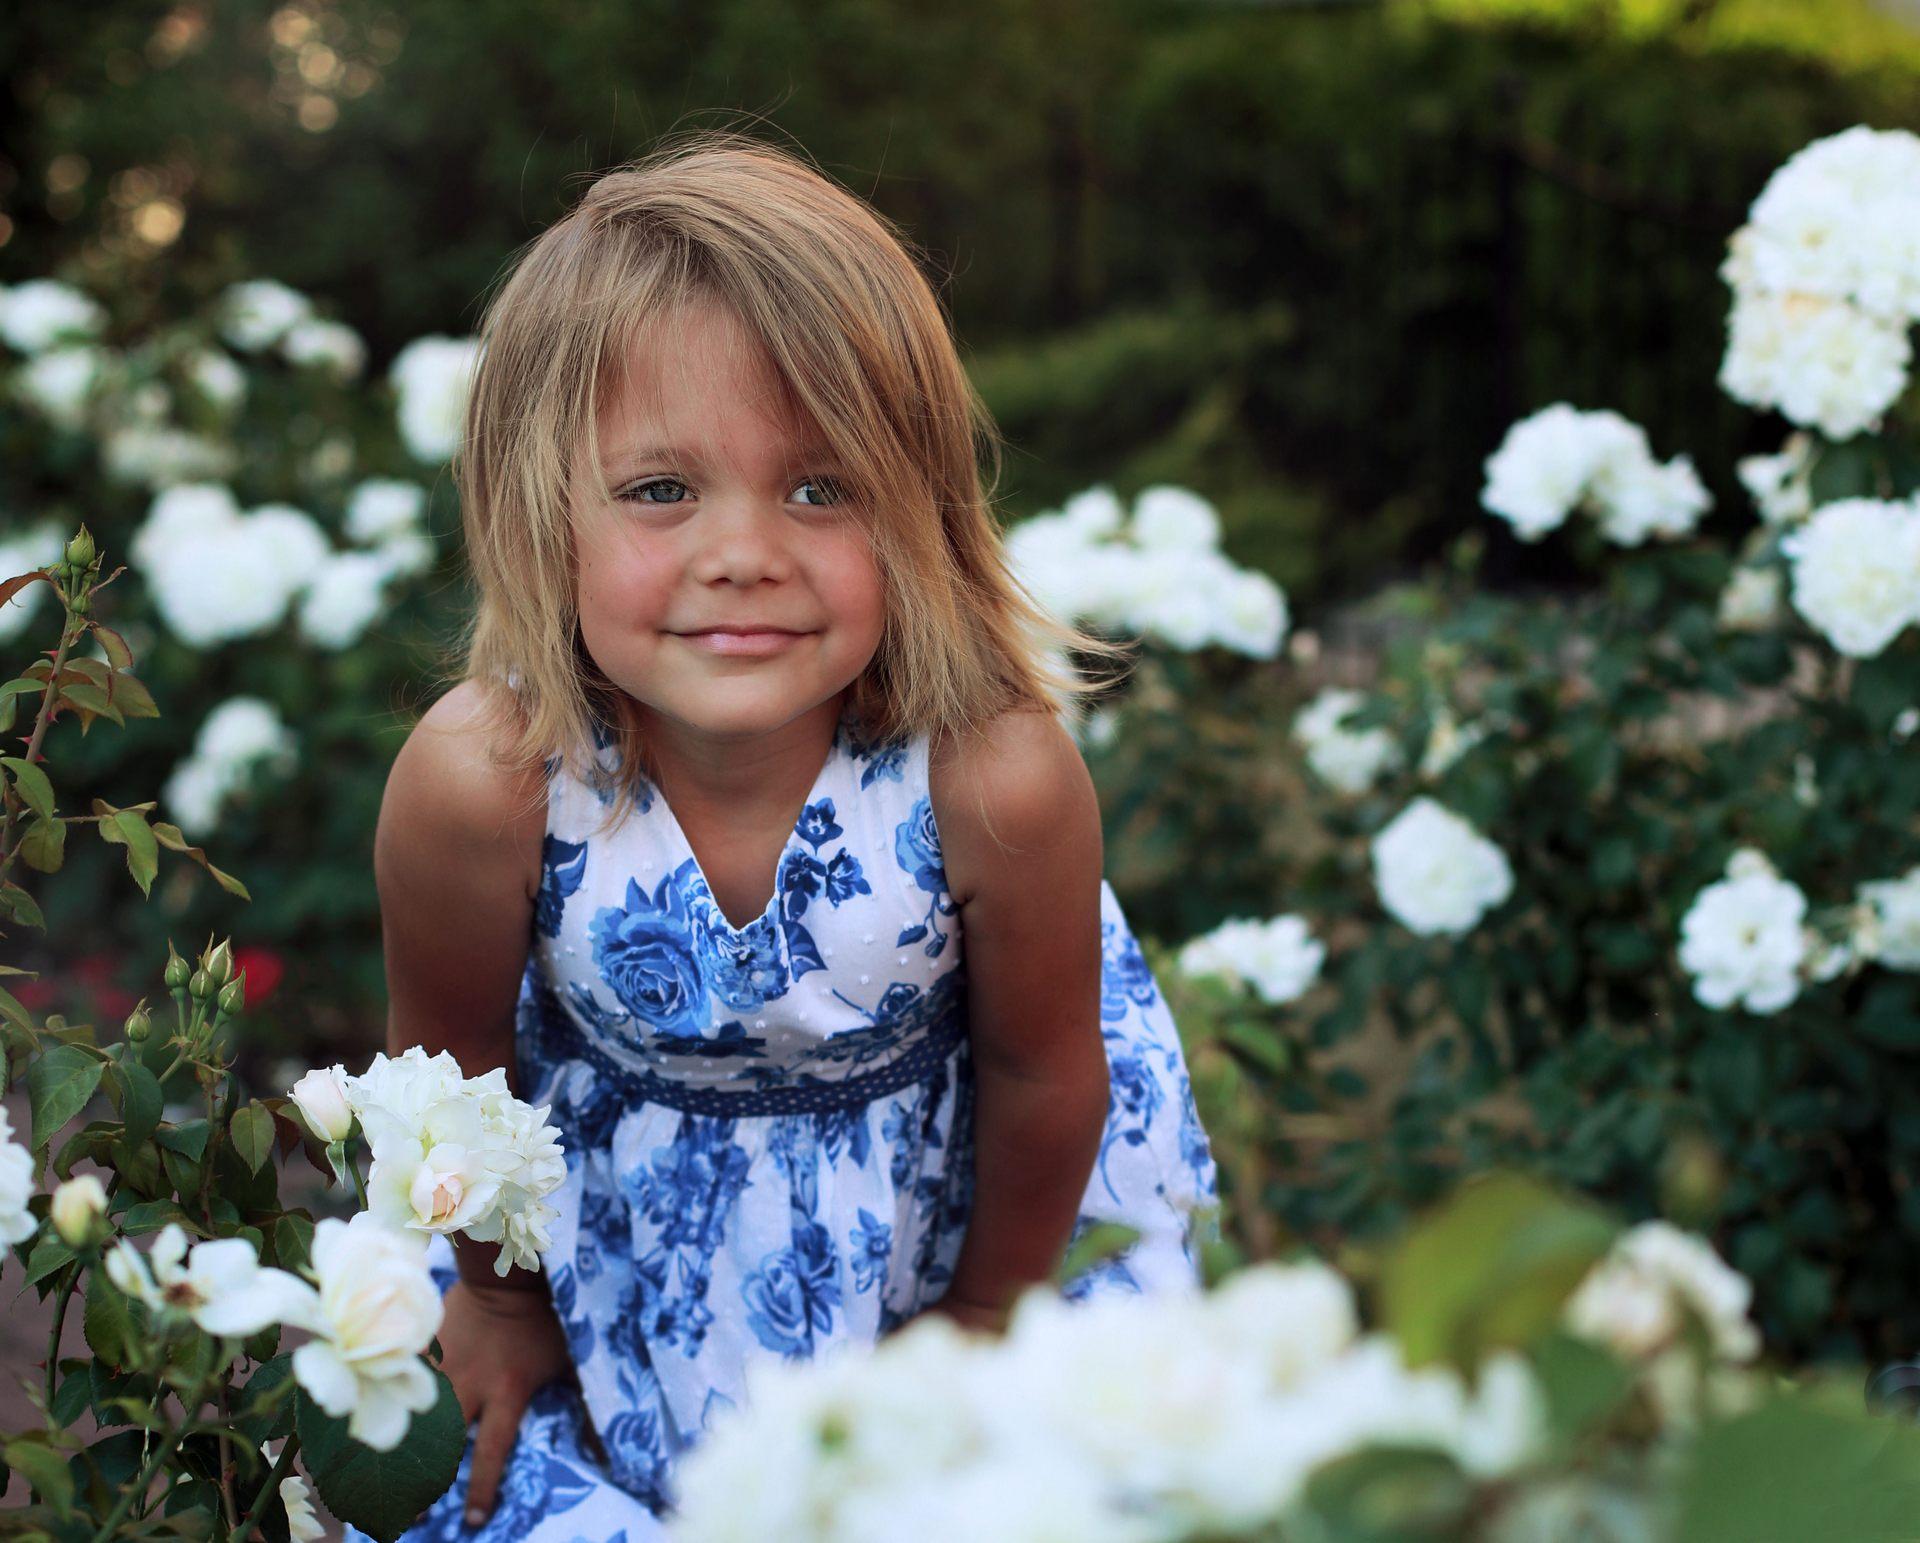 Portrety dziecięce, kobiece, męskie i kogut. Najlepsze zdjęcia po recenzji zdjęć online. 362 Kursy i 354 AFO